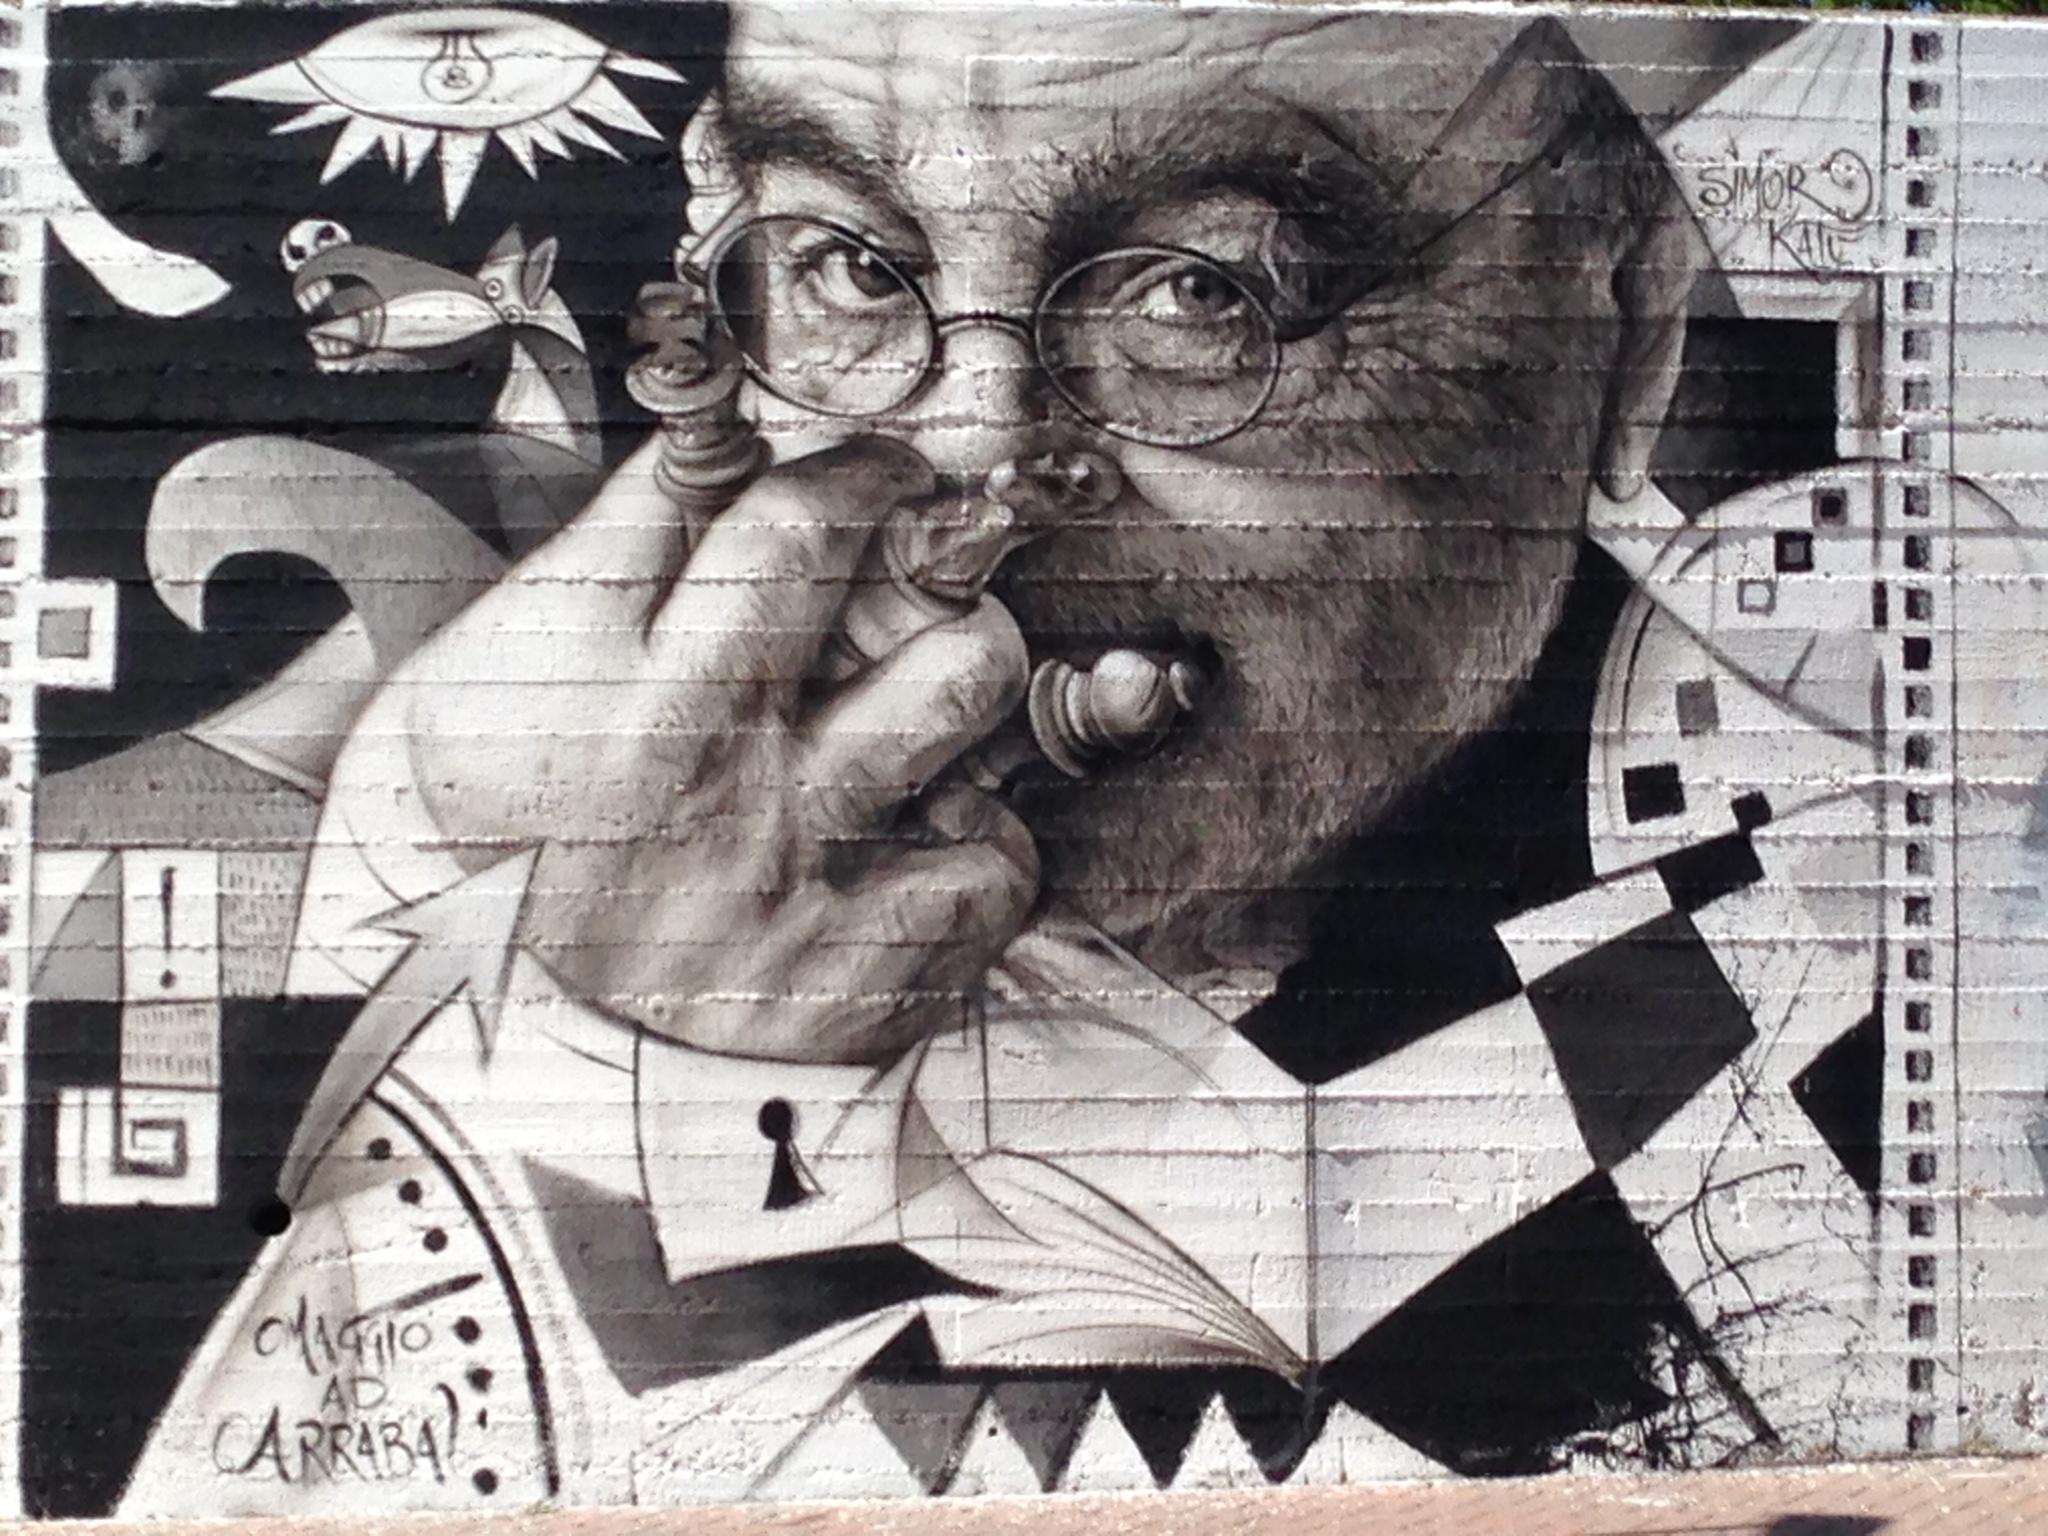 Opera di SImor Katù, ritratto di Fernando Arrabal, progetto di Momart Gallery e Aracnea, via Saragat, Matera